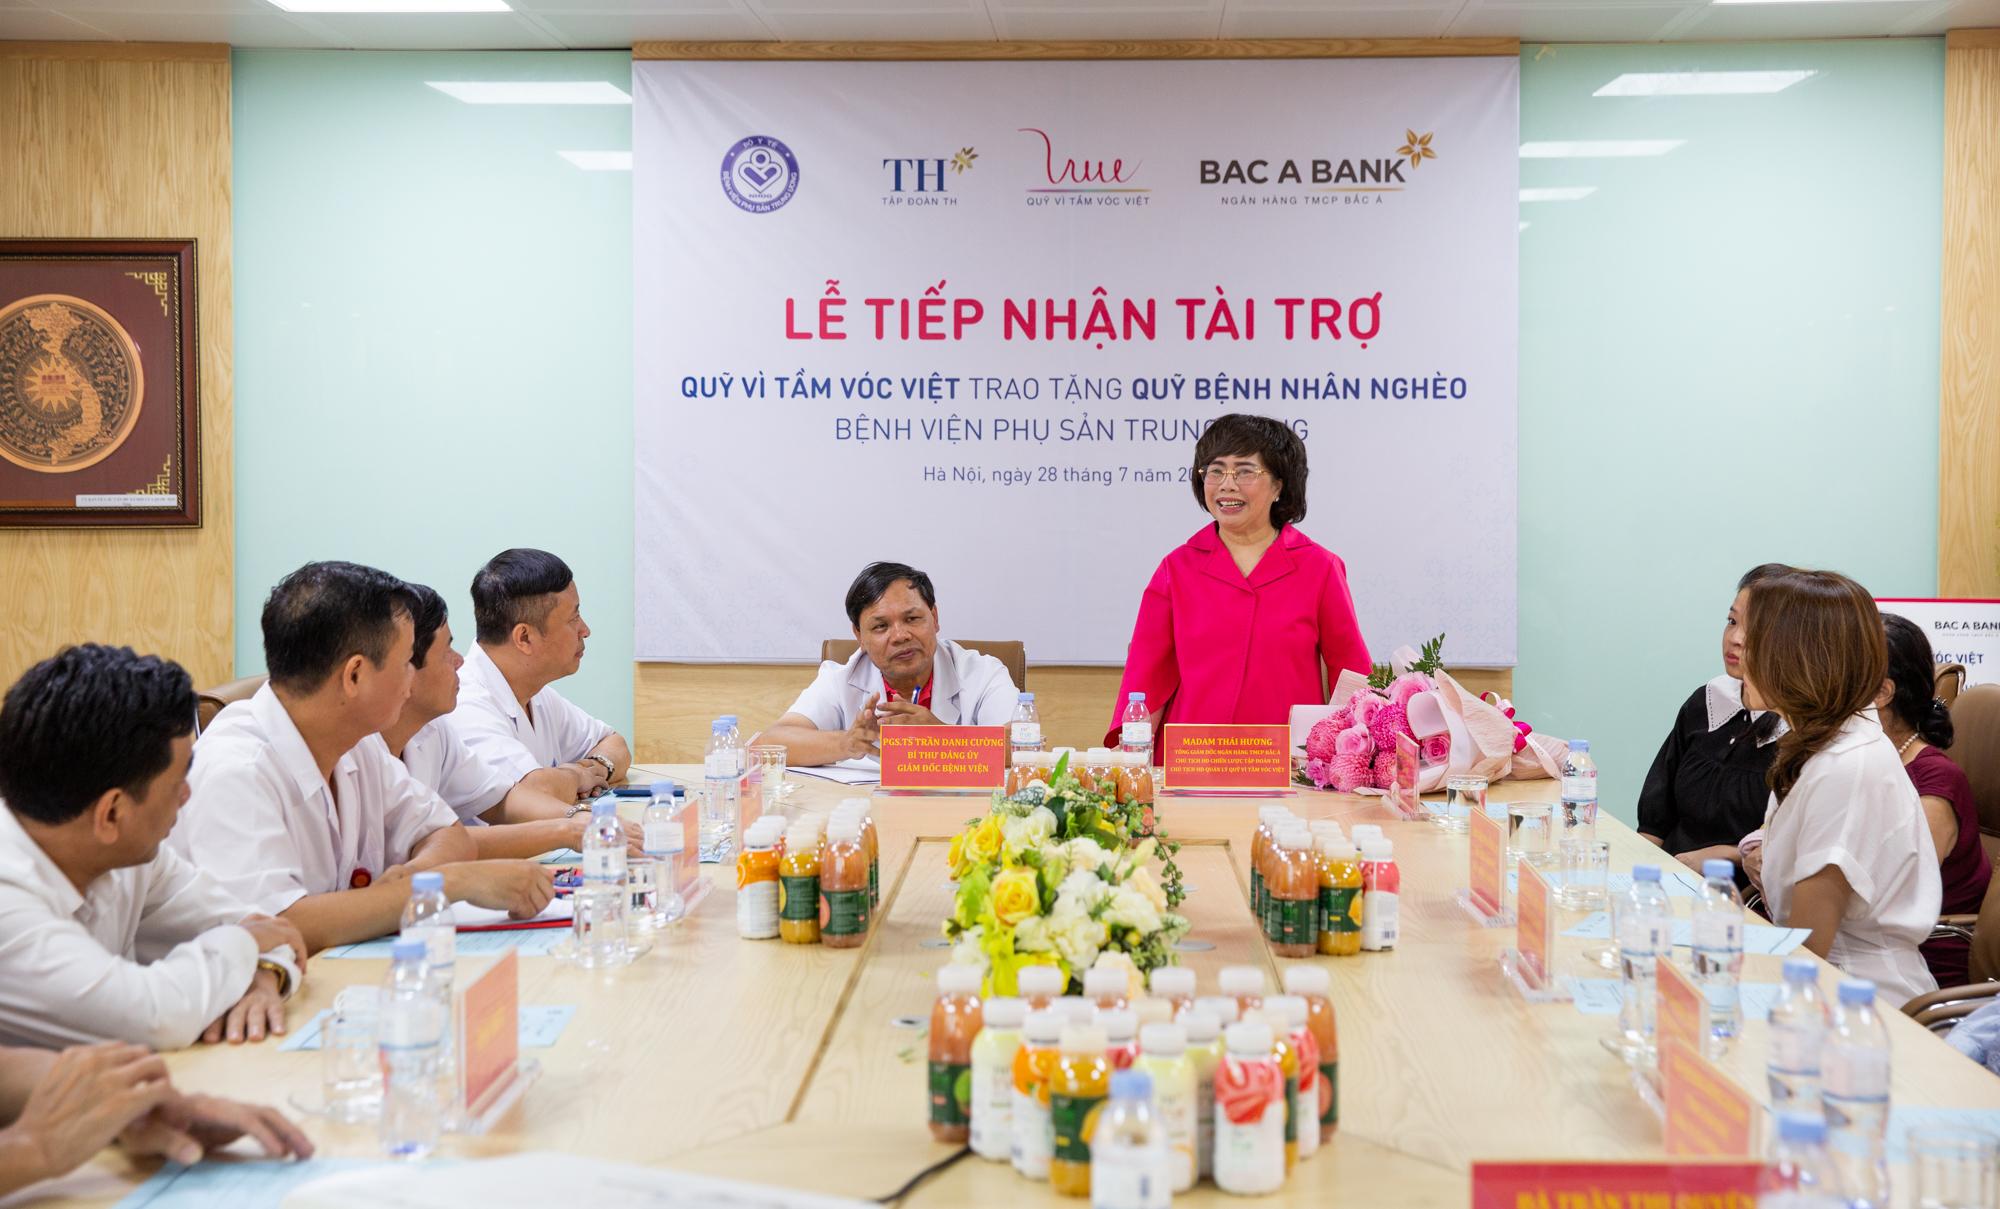 Bà Thái Hương, Chủ tịch Hồi đồng Quản lý Quỹ Vì tầm vóc Việt phát biểu tại Lễ tài trợ